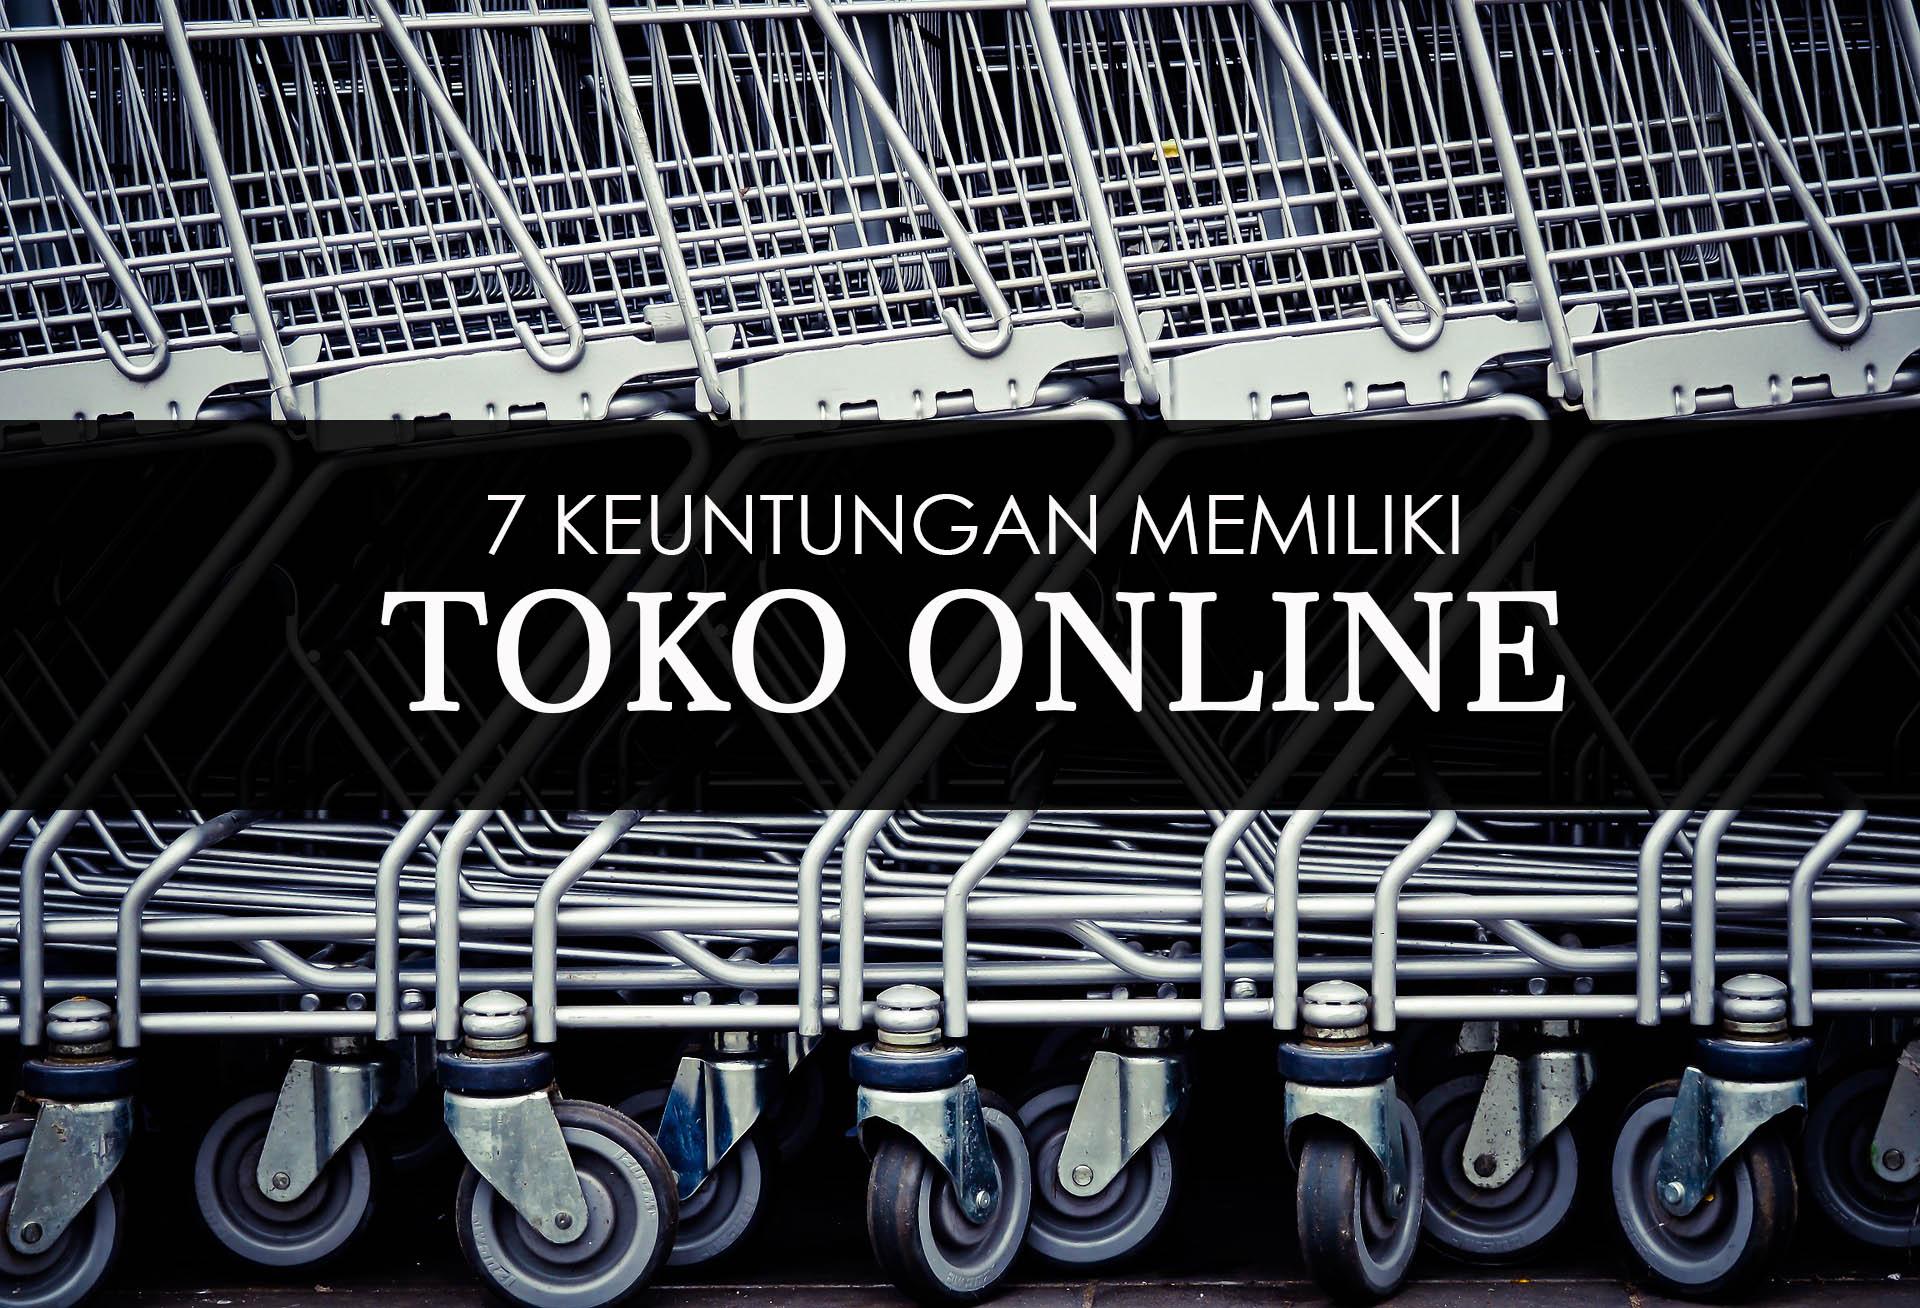 7 Keuntungan Memiliki Toko Online